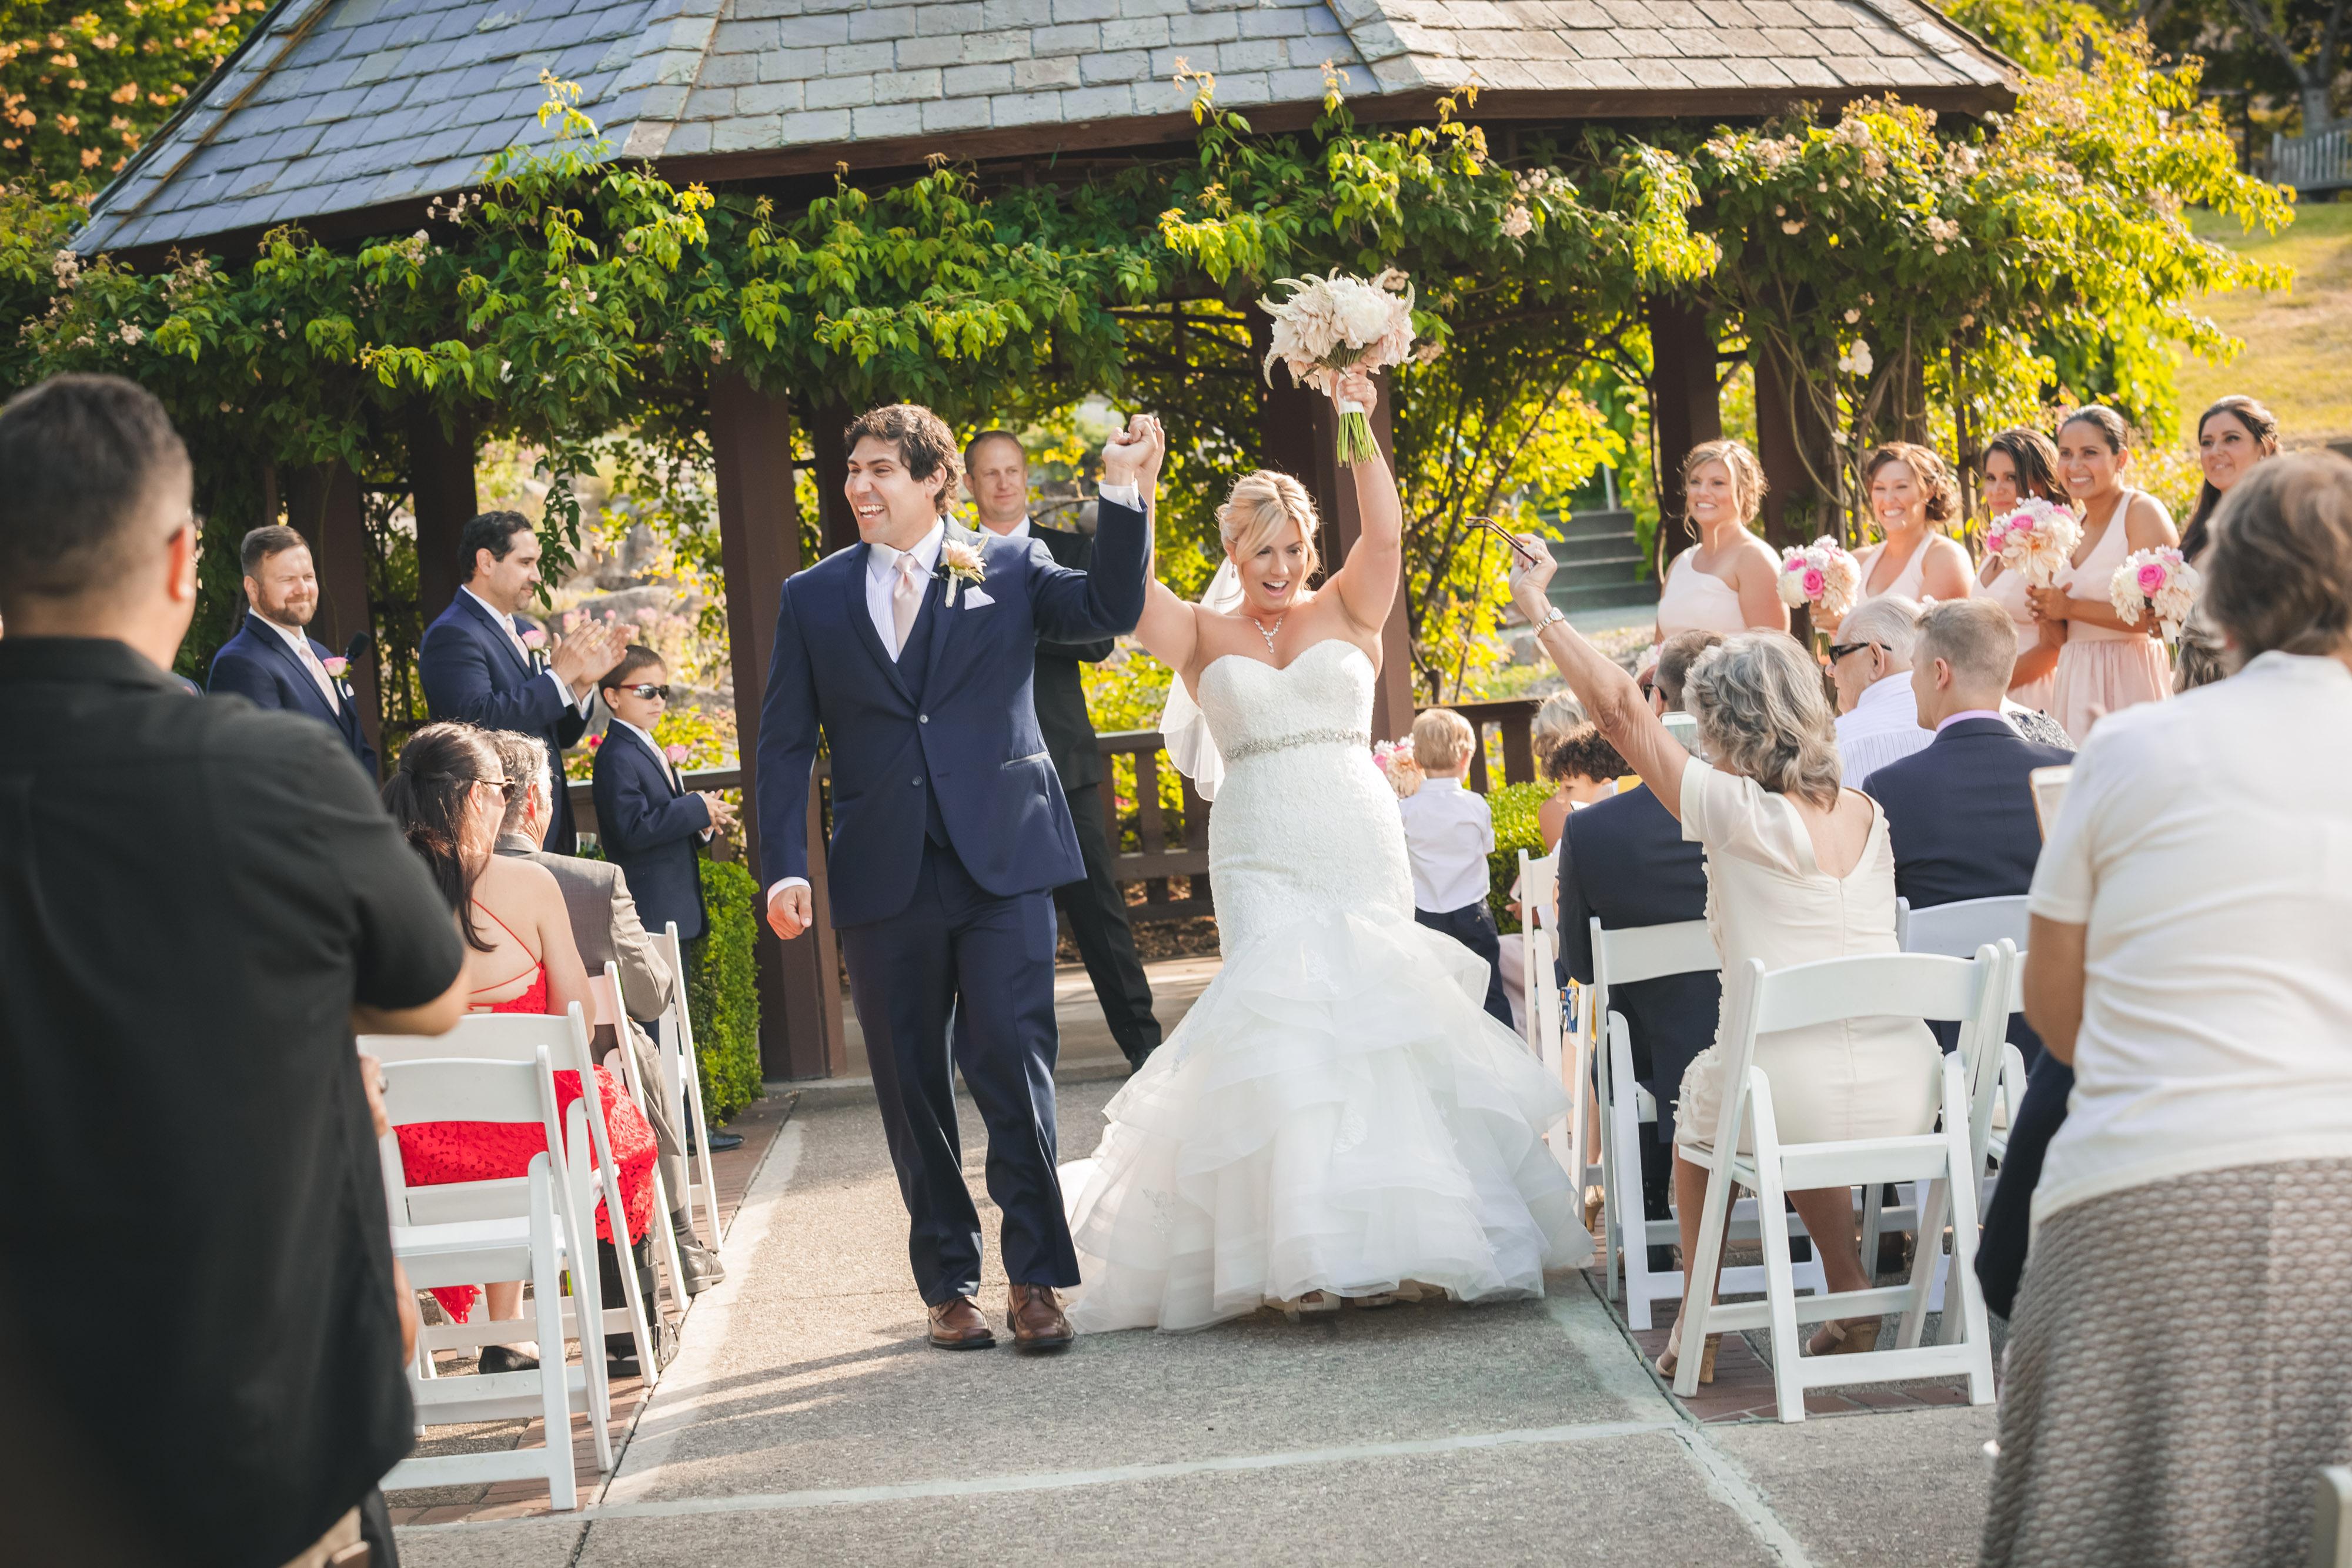 wedding, couple, bride, groom, garden, venue, ceremony